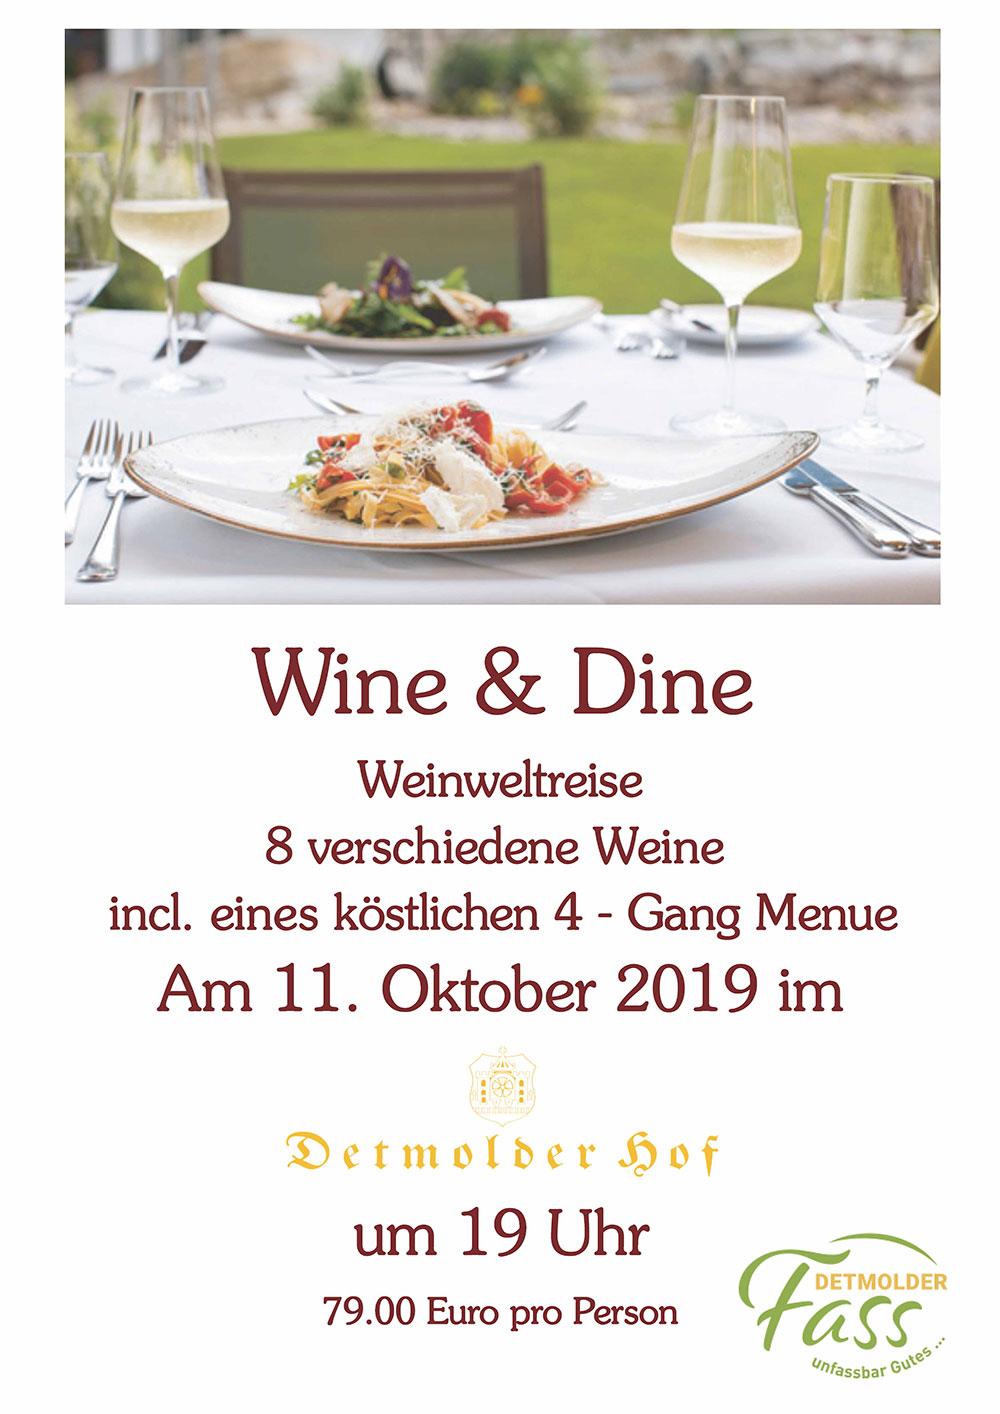 Wine & Dine Weinweltreise